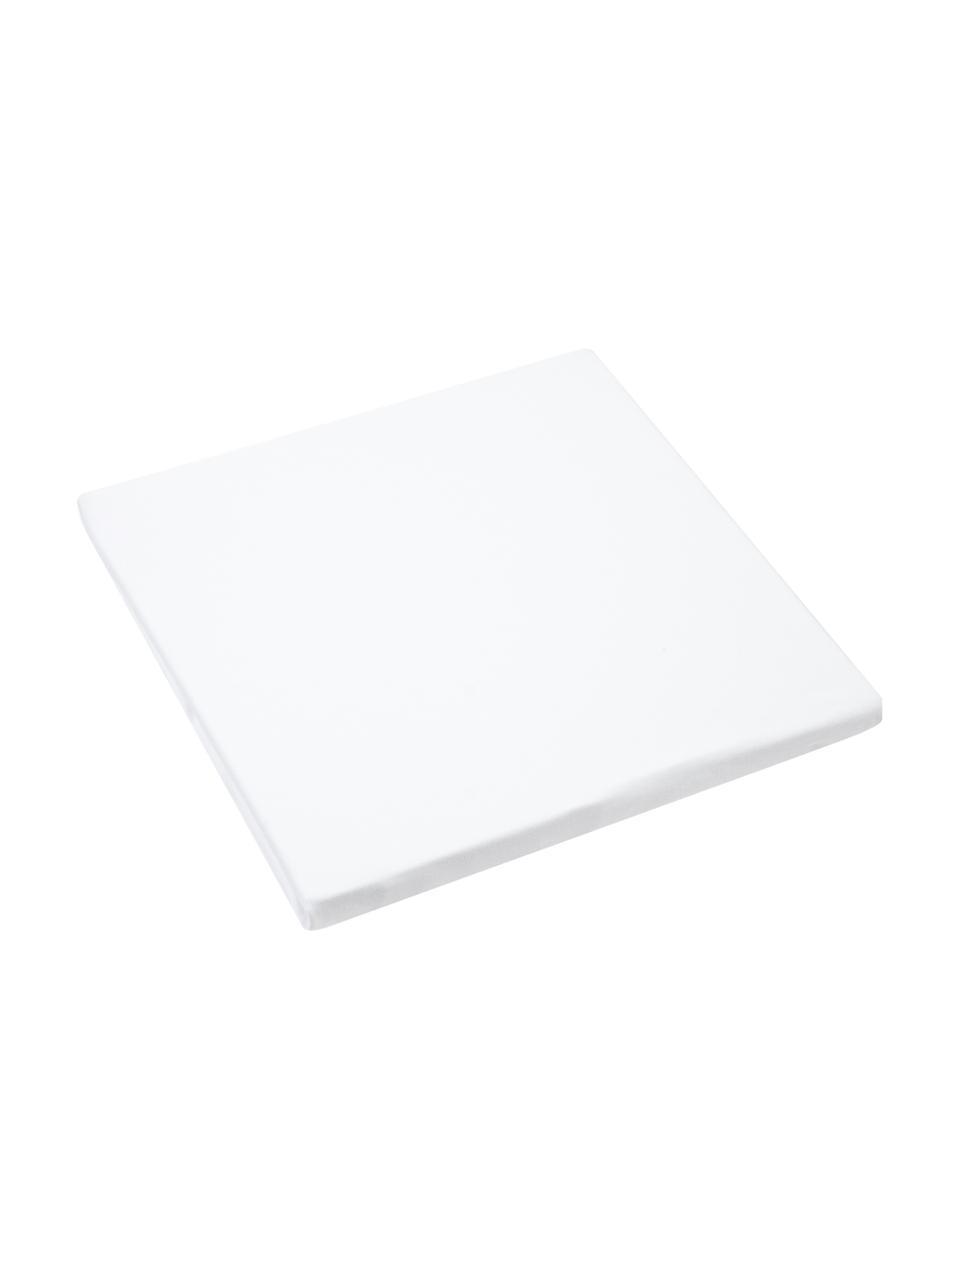 Drap-housse blanc en jersey élasthanne Lara, Blanc